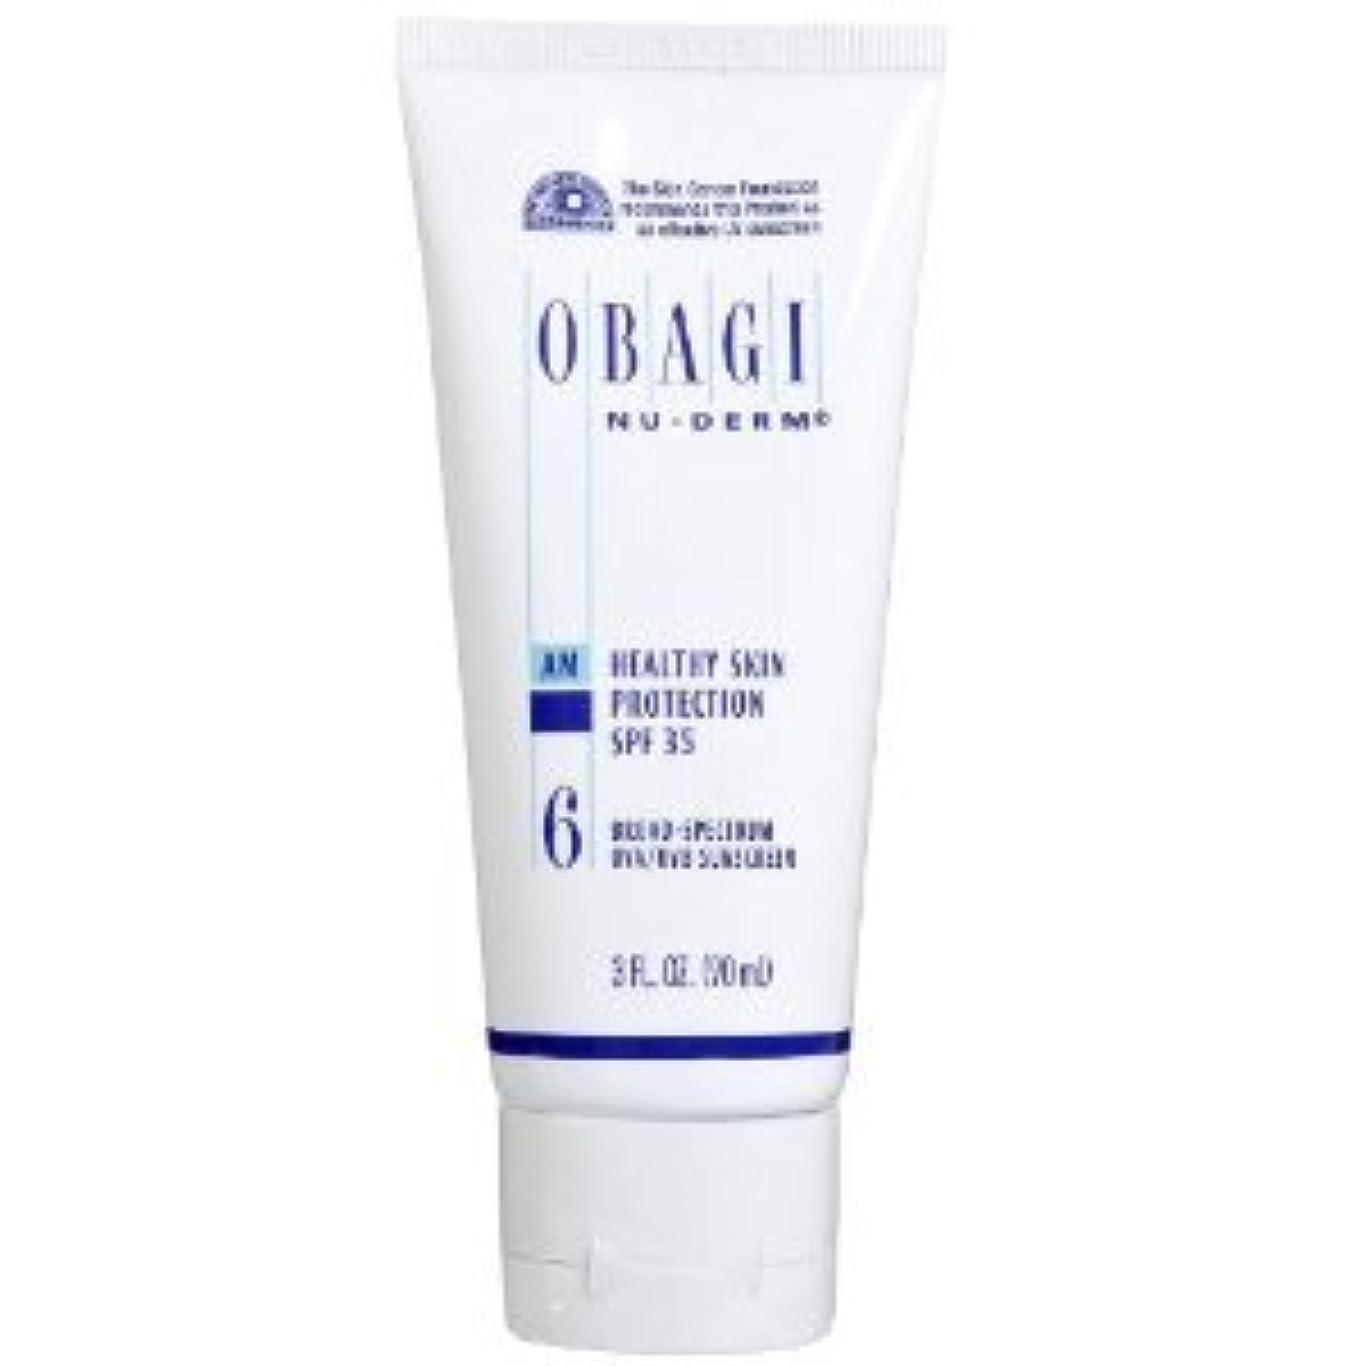 どっちうめき声拡散するオバジ ニューダーム スキンプロテクション サンスクリーン(SPF35) Obagi Nu-Derm Healthy Skin Protection SPF 35 Sunscreens